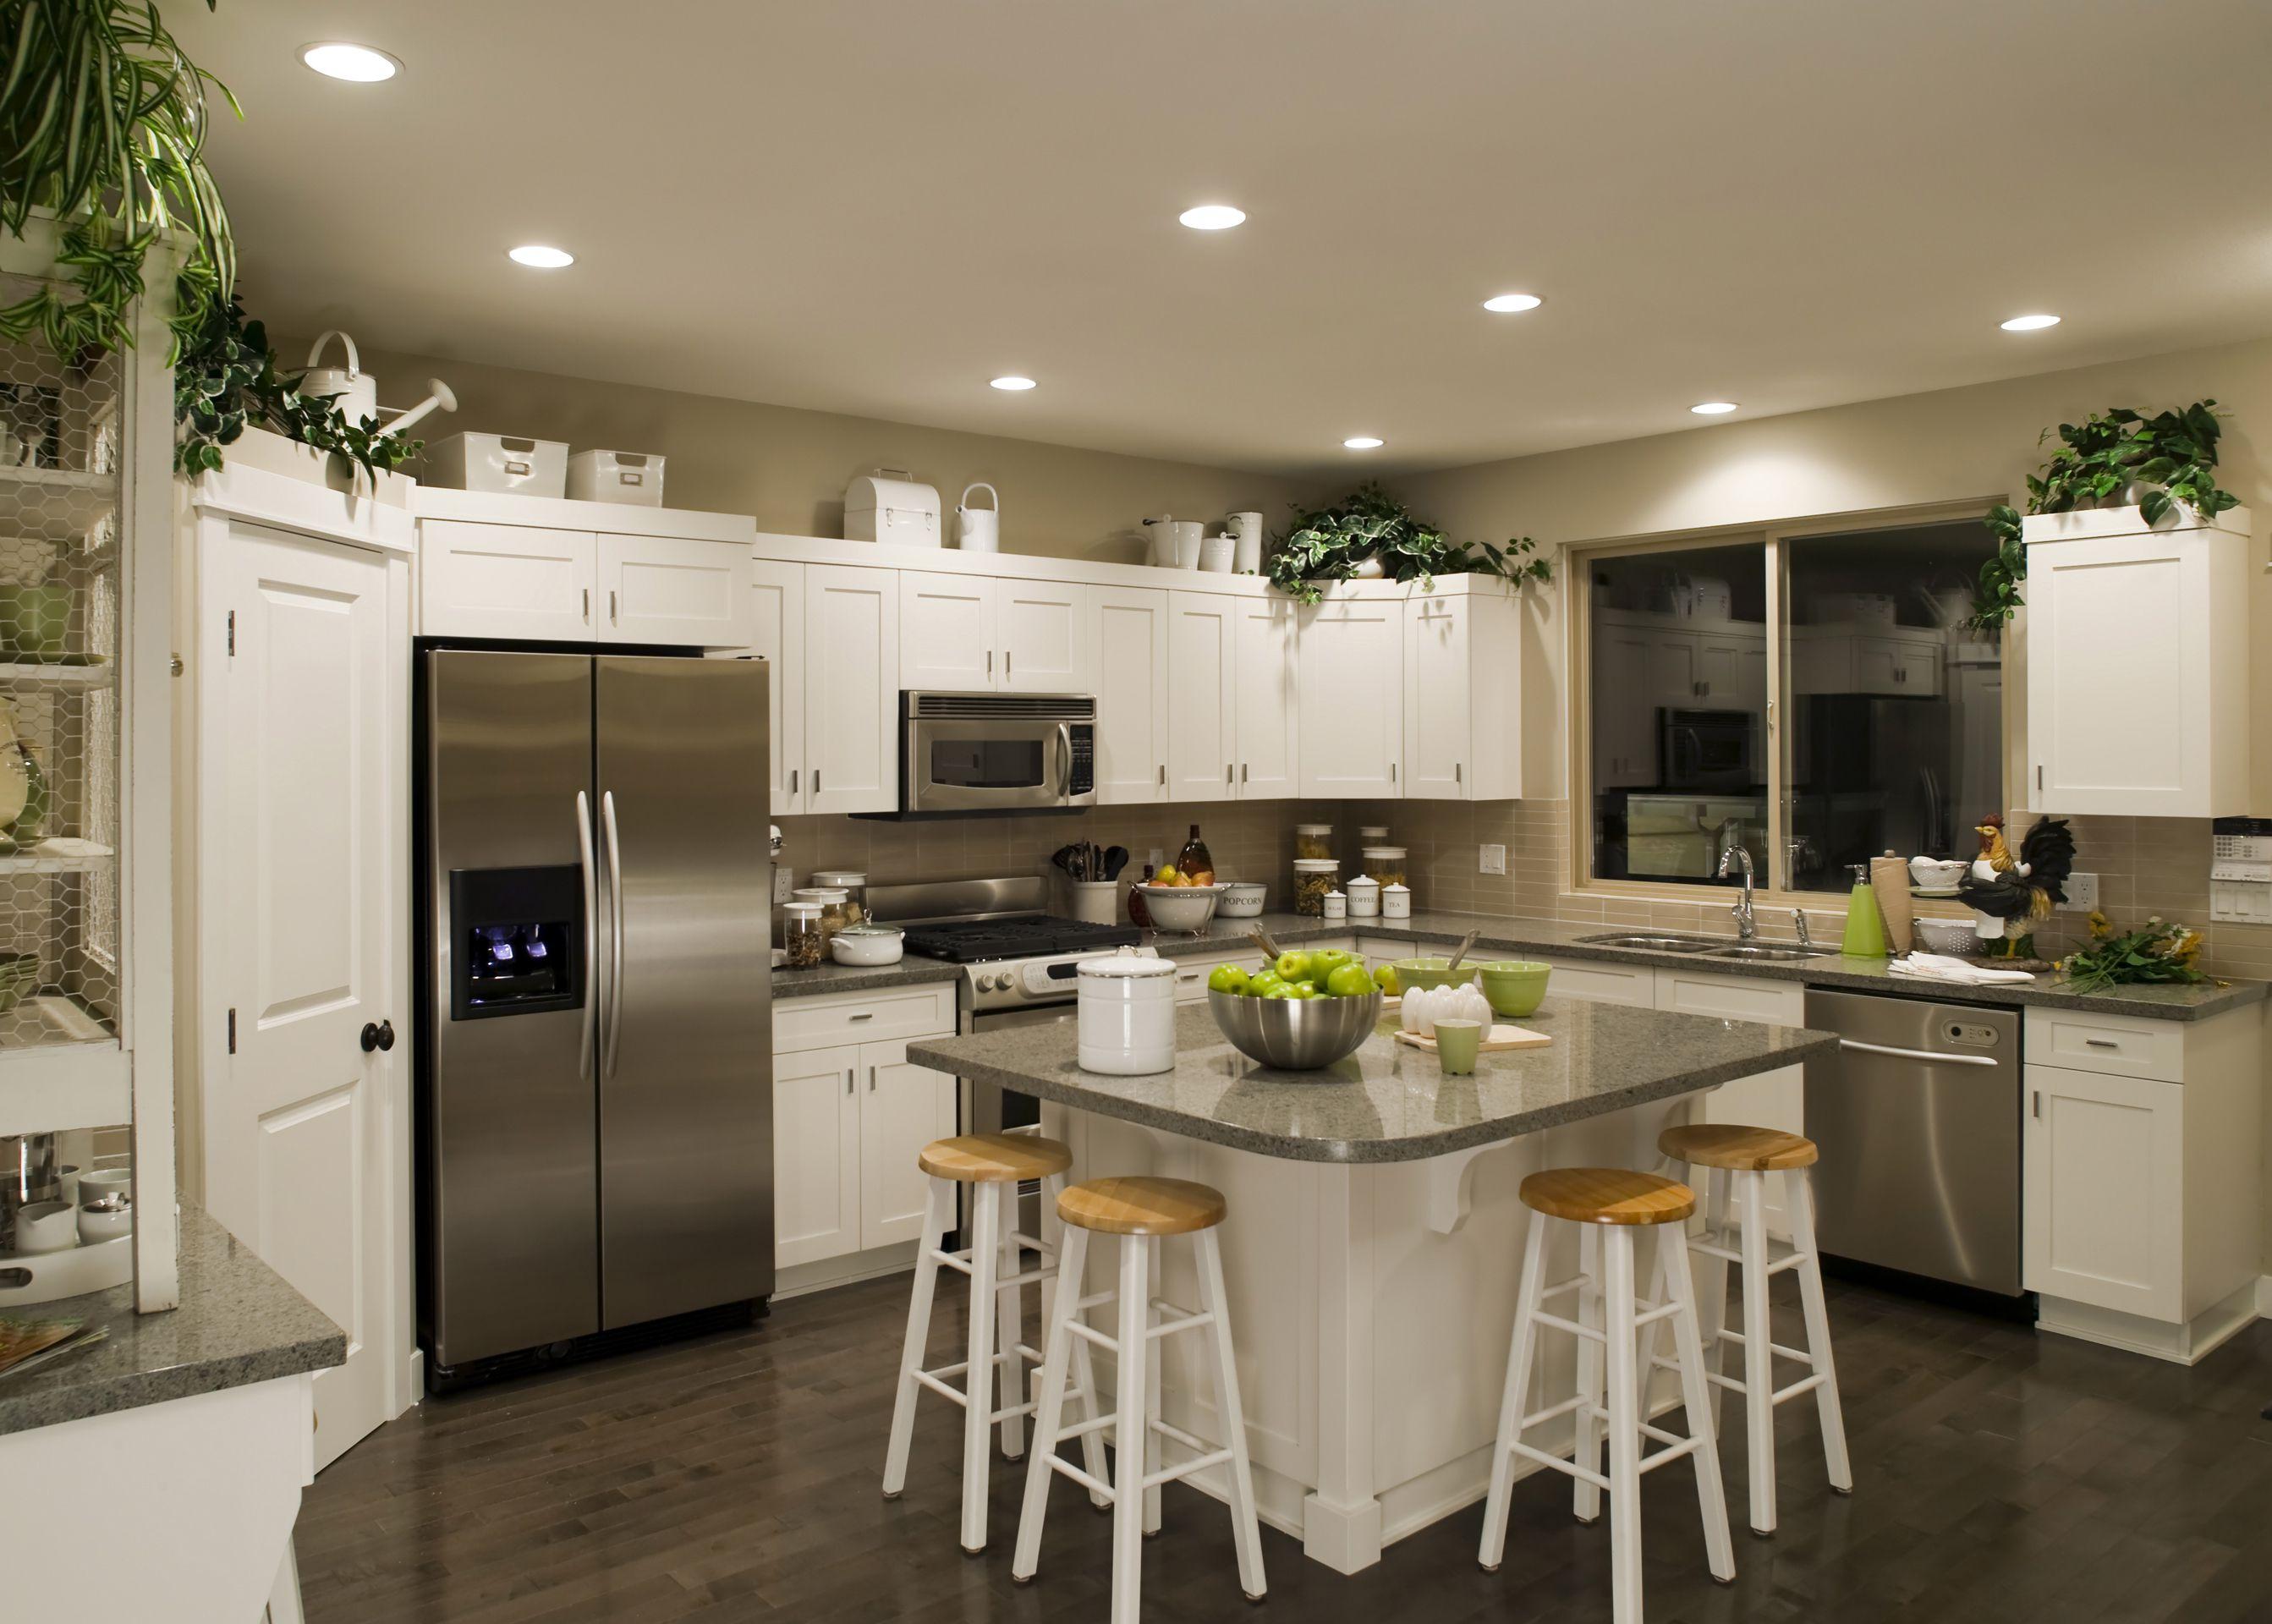 Laminate Kitchen Floor 4 good inexpensive kitchen flooring options